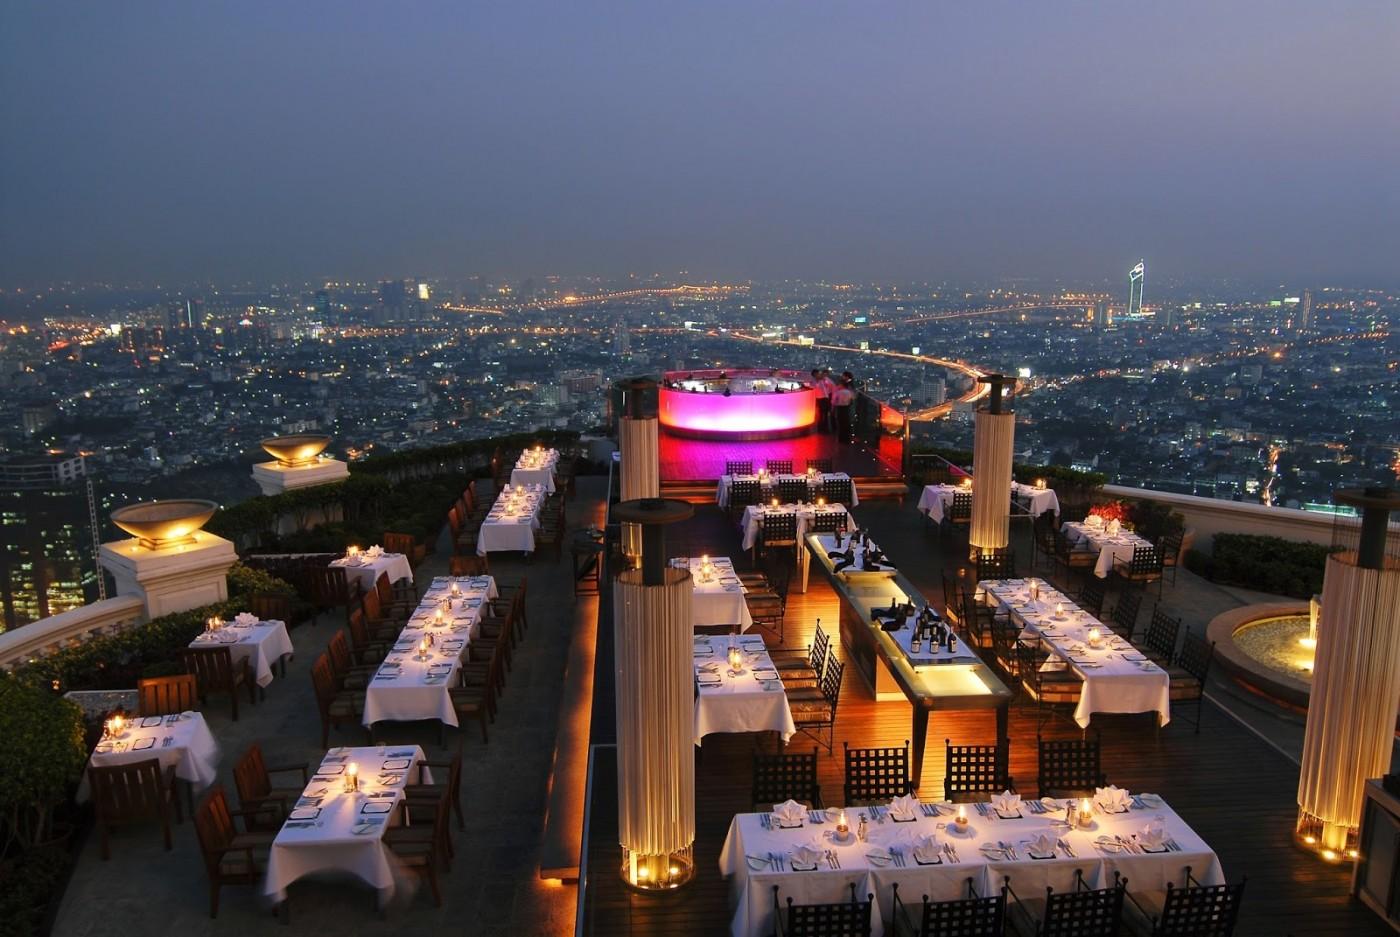 Địa điểm nổi tiếng ở Đà Nẵng - Sky bar 36